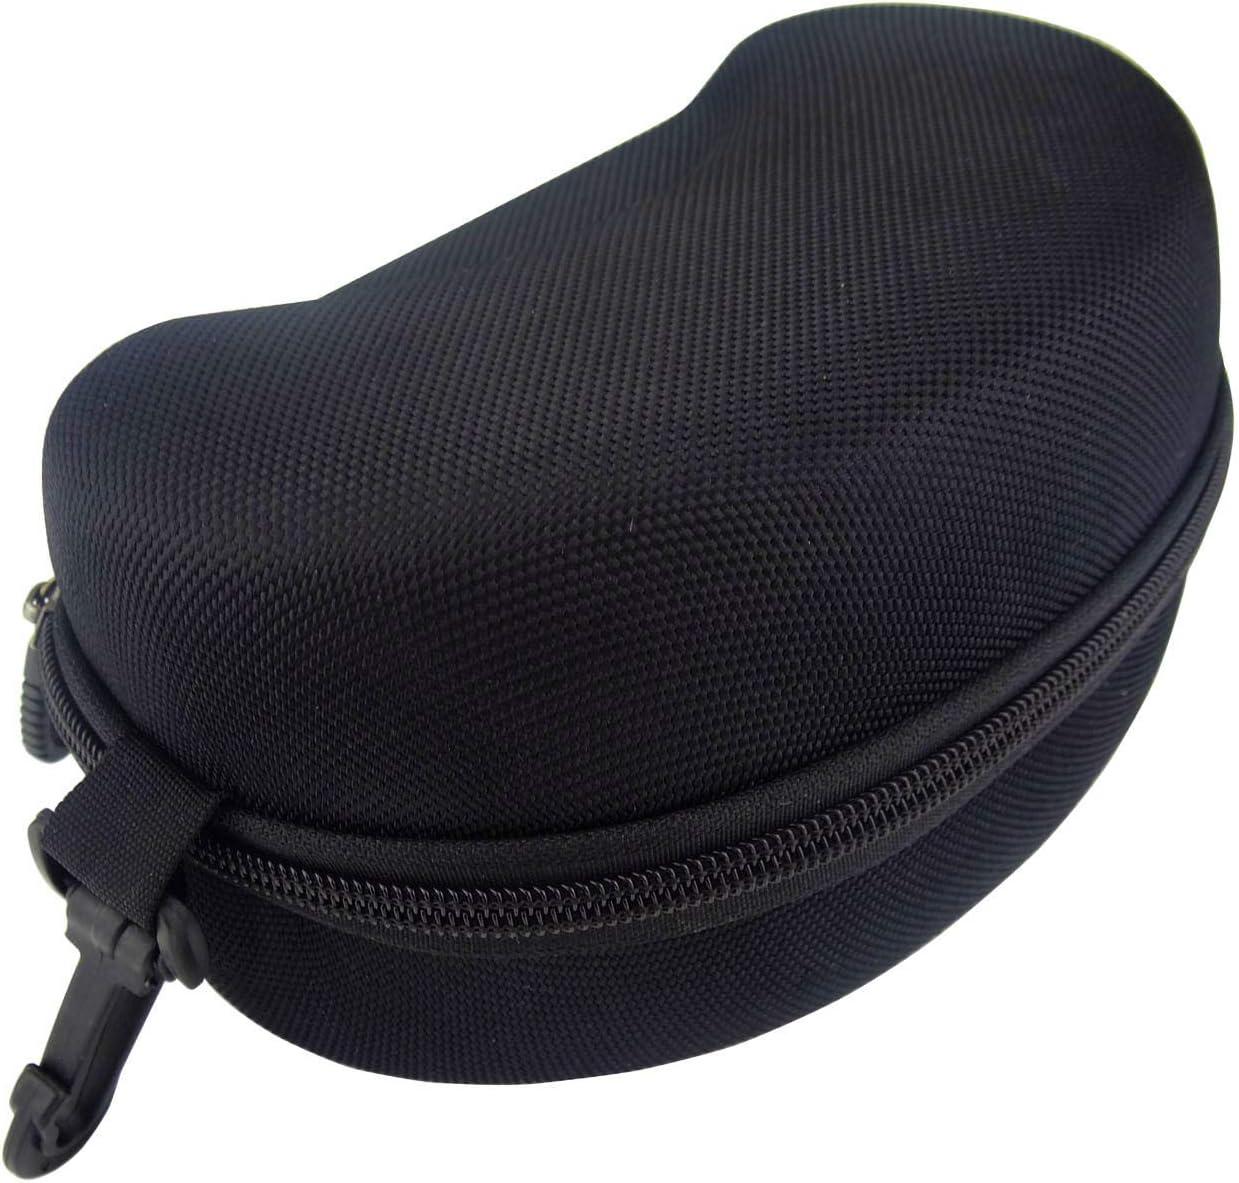 Hard Case Protector Box Holder For Snowboard Snowmobile Ski Goggles Glasses Box